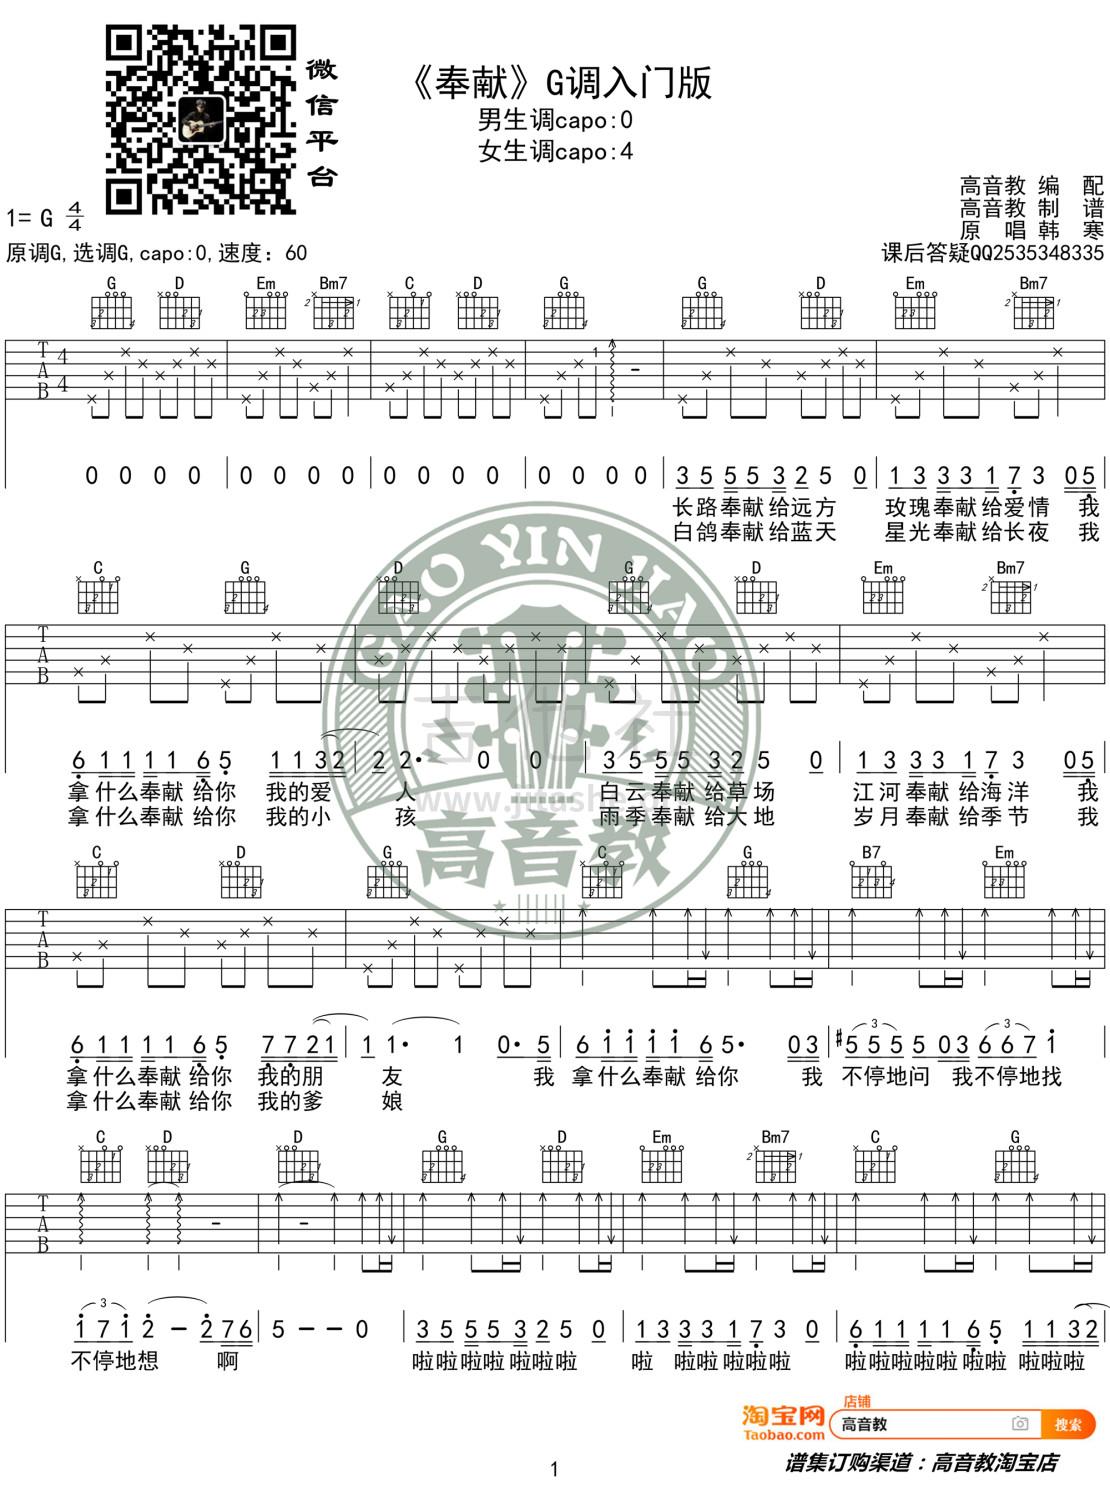 奉献(电影《飞驰人生》片尾曲)吉他谱(图片谱,弹唱,G调,入门版)_韩寒_《奉献》G调入门版01.jpg